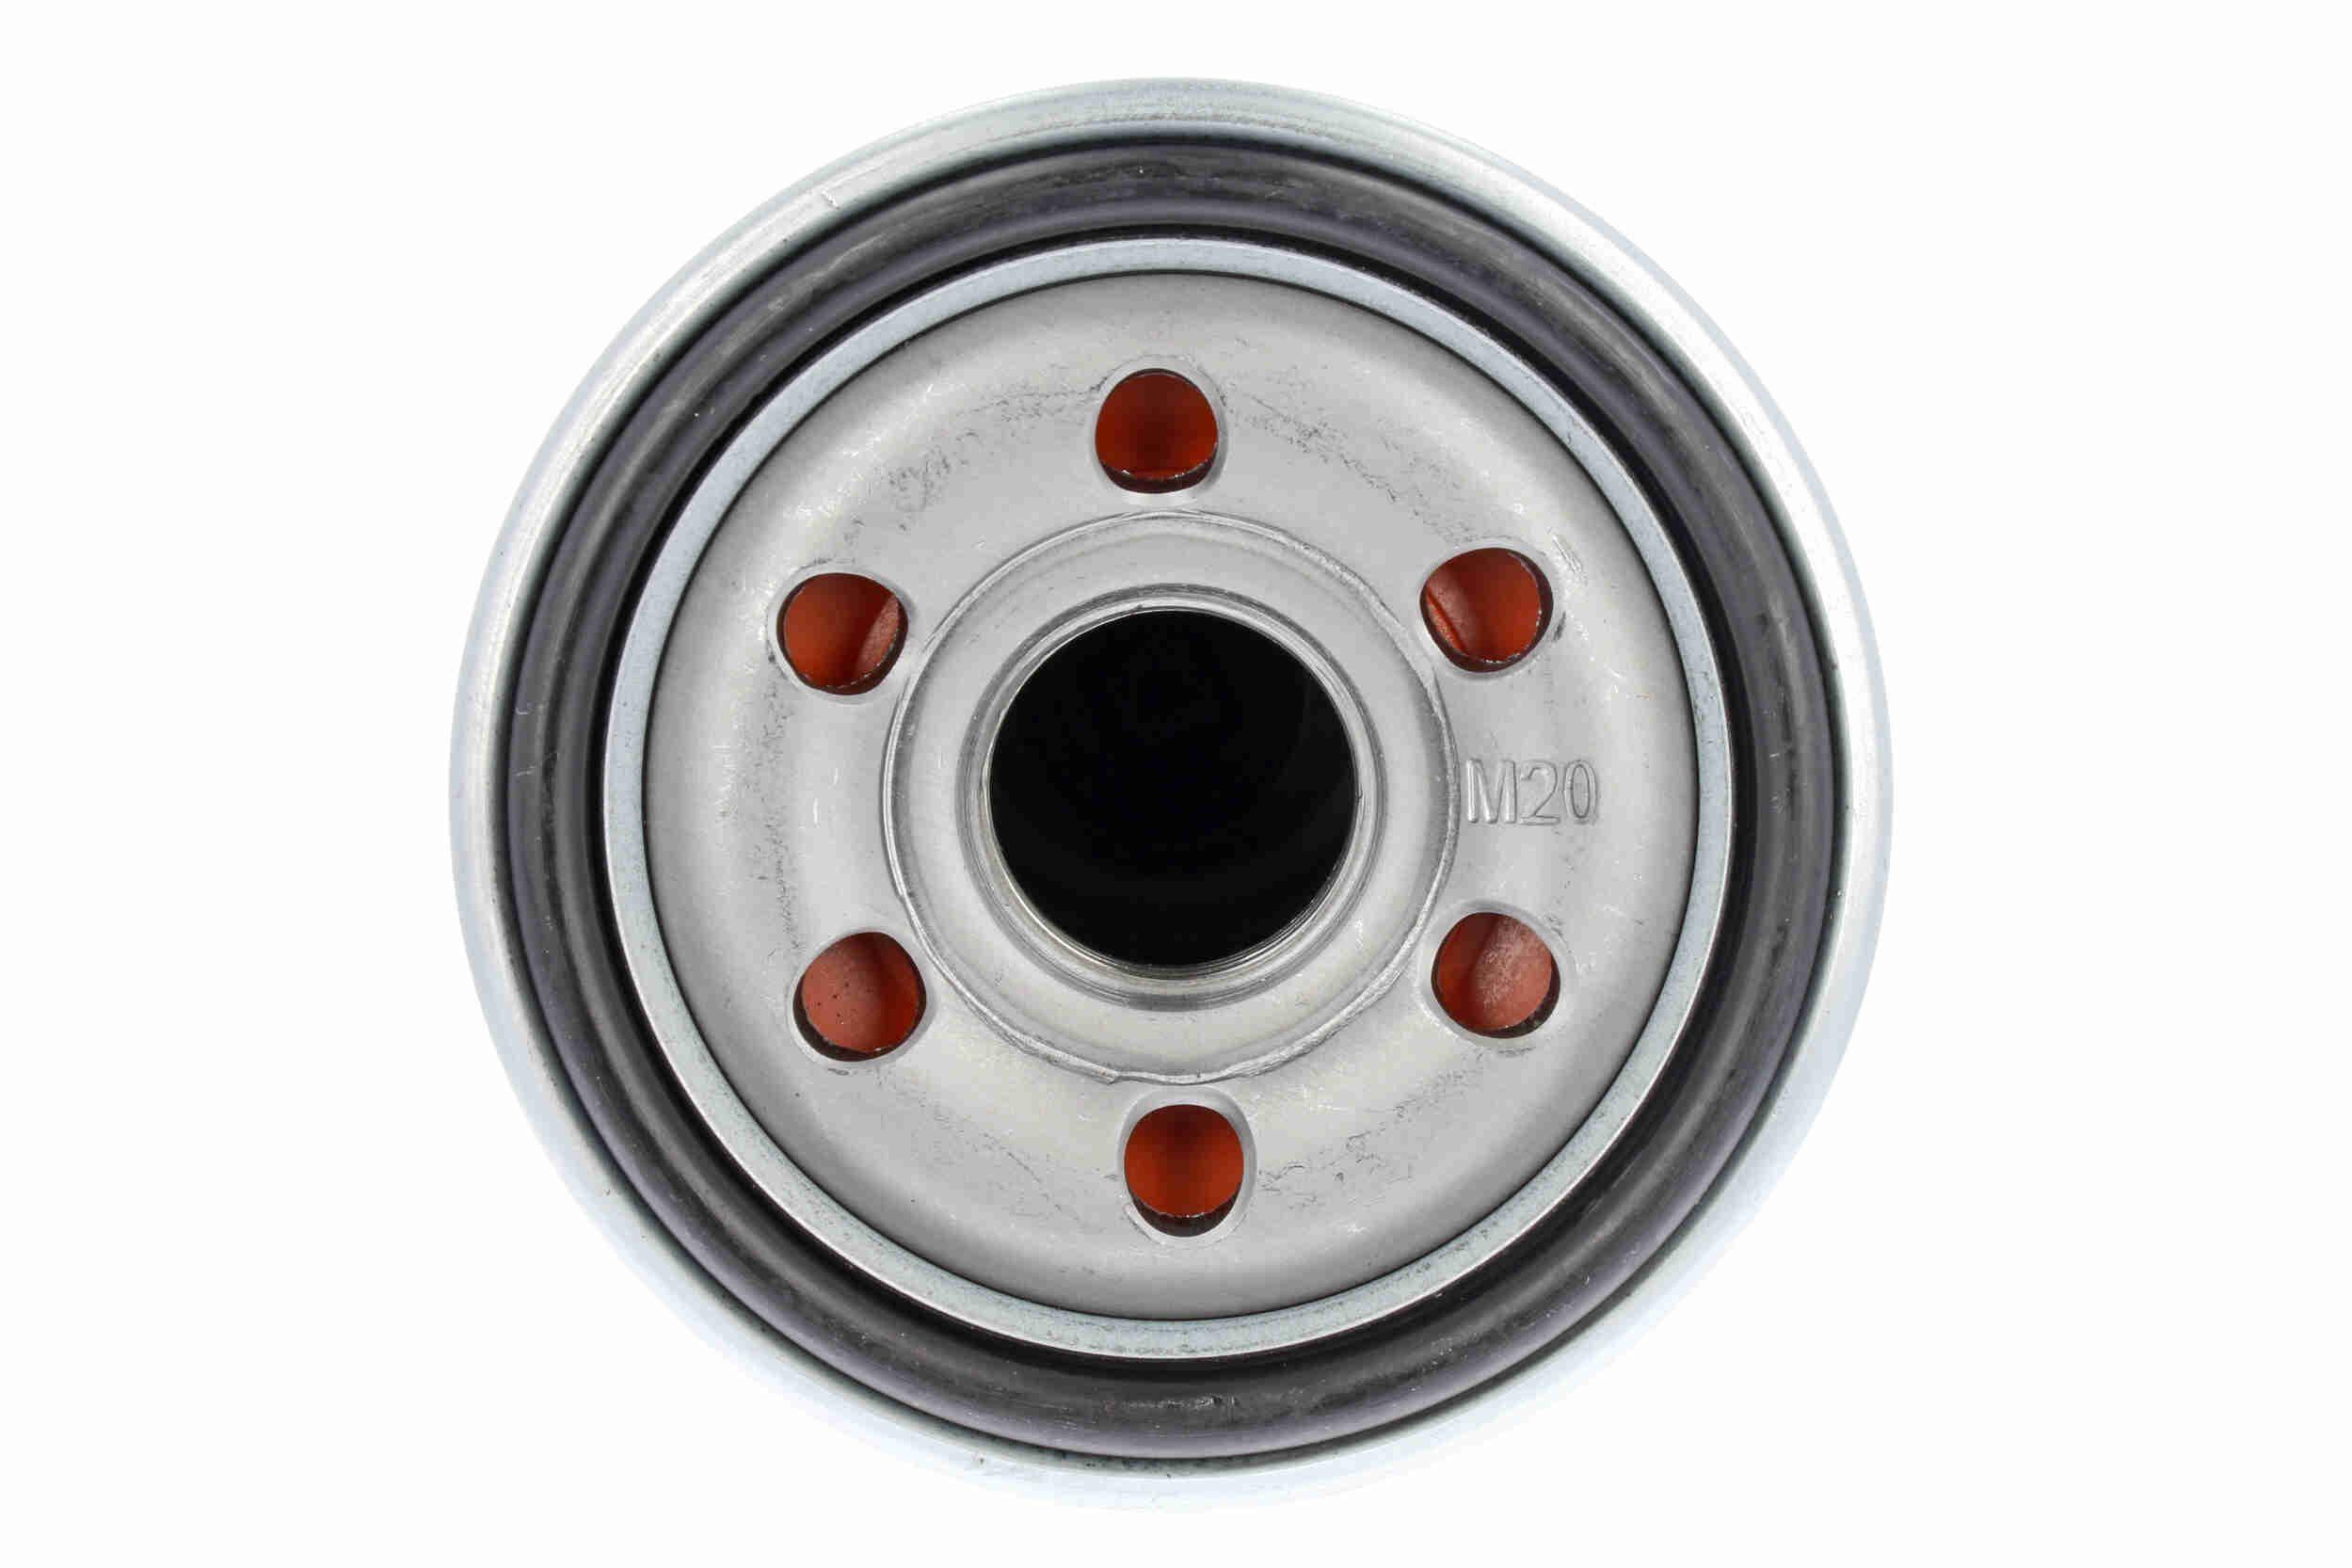 Engine oil filter VAICO V24-0018 rating